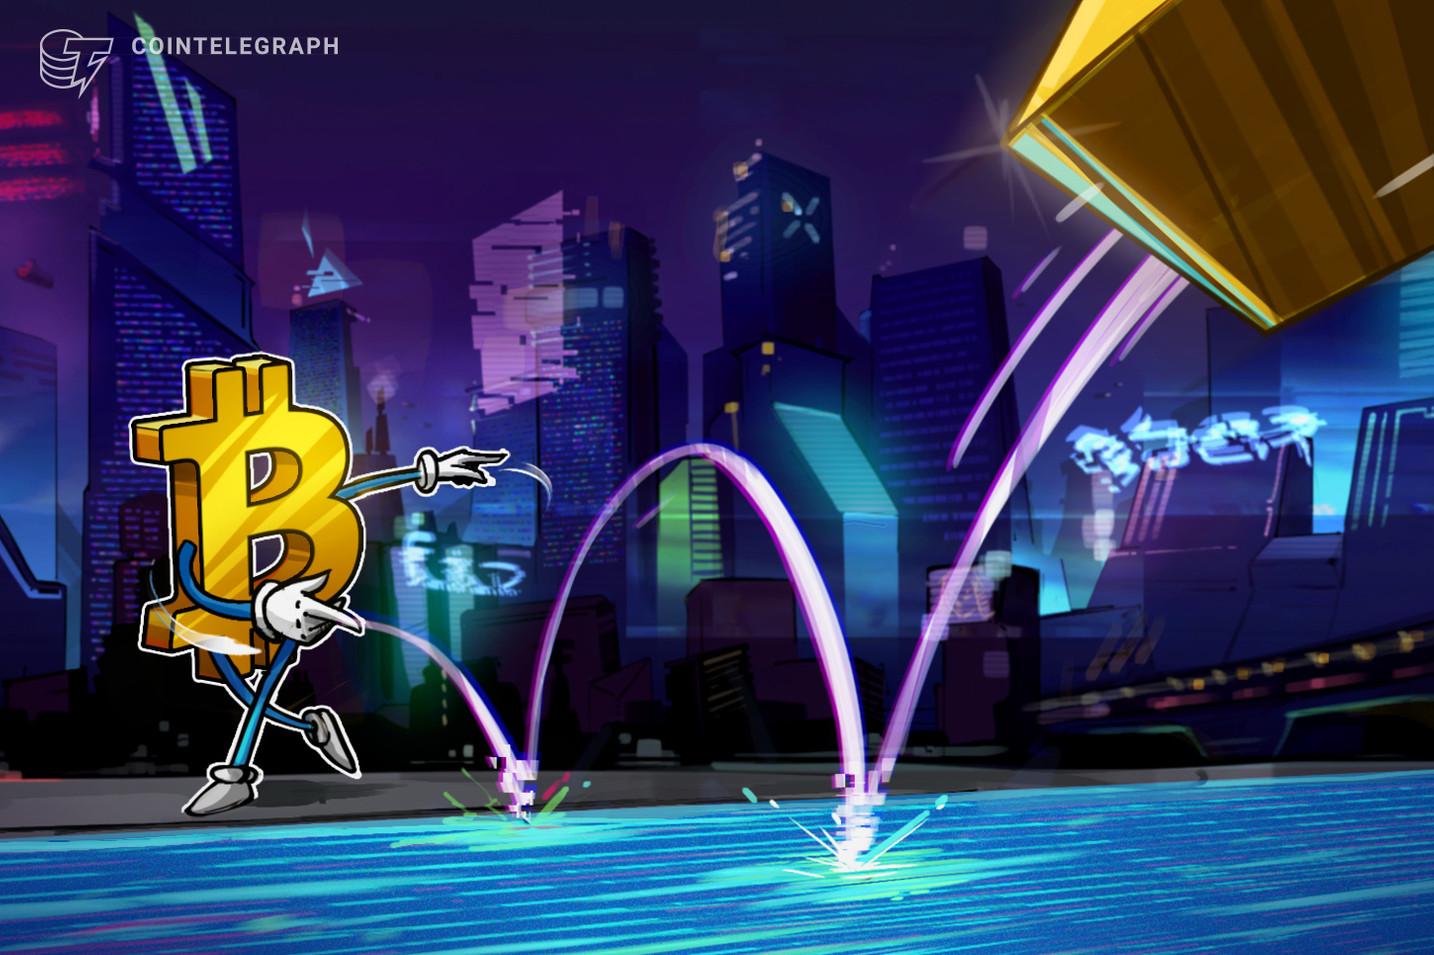 Por que o Bitcoin está abaixo de US$ 60.000? Capitalização de mercado do ouro pode dar pistas da resposta